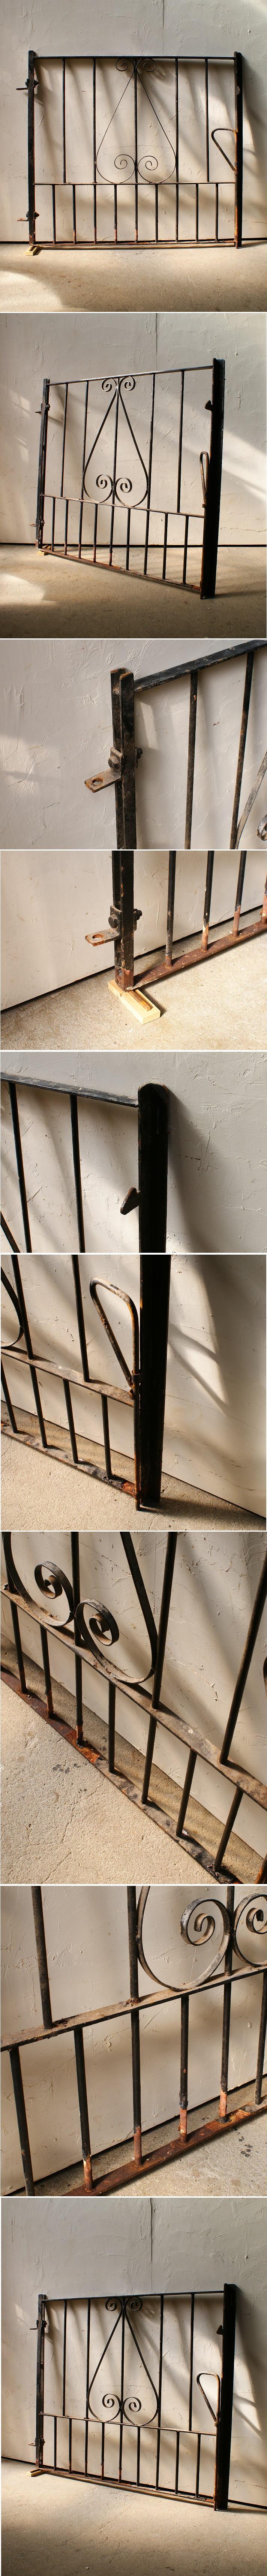 イギリスアンティーク アイアンフェンス ゲート柵 ガーデニング 9988